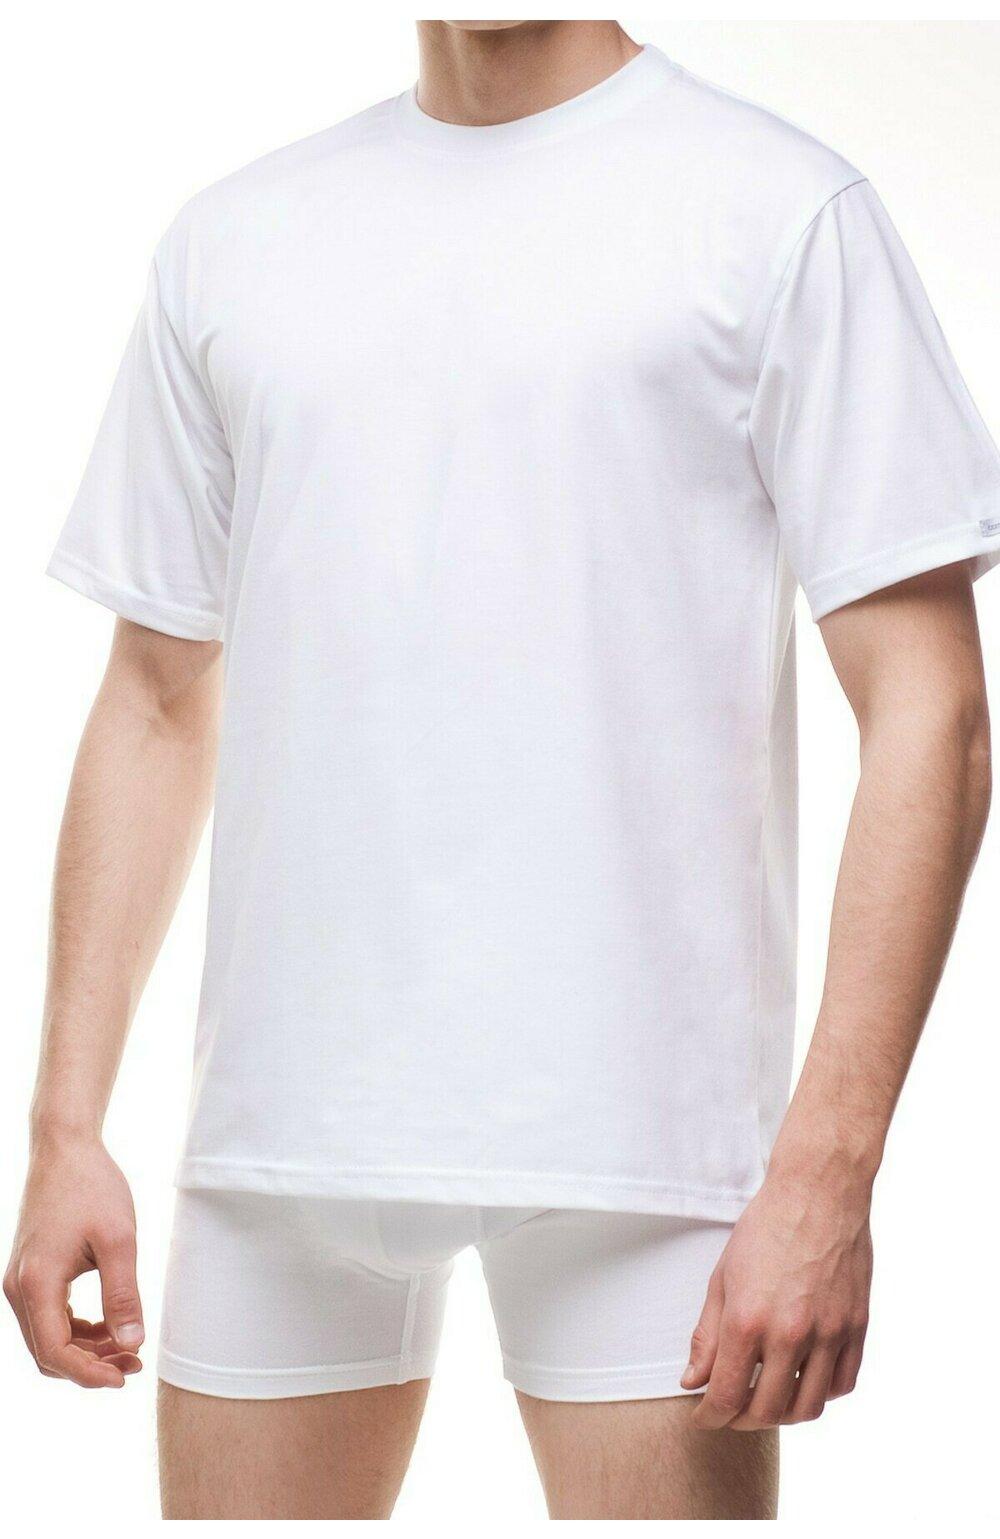 Tricou pentru barbati Authentic M202 Plus